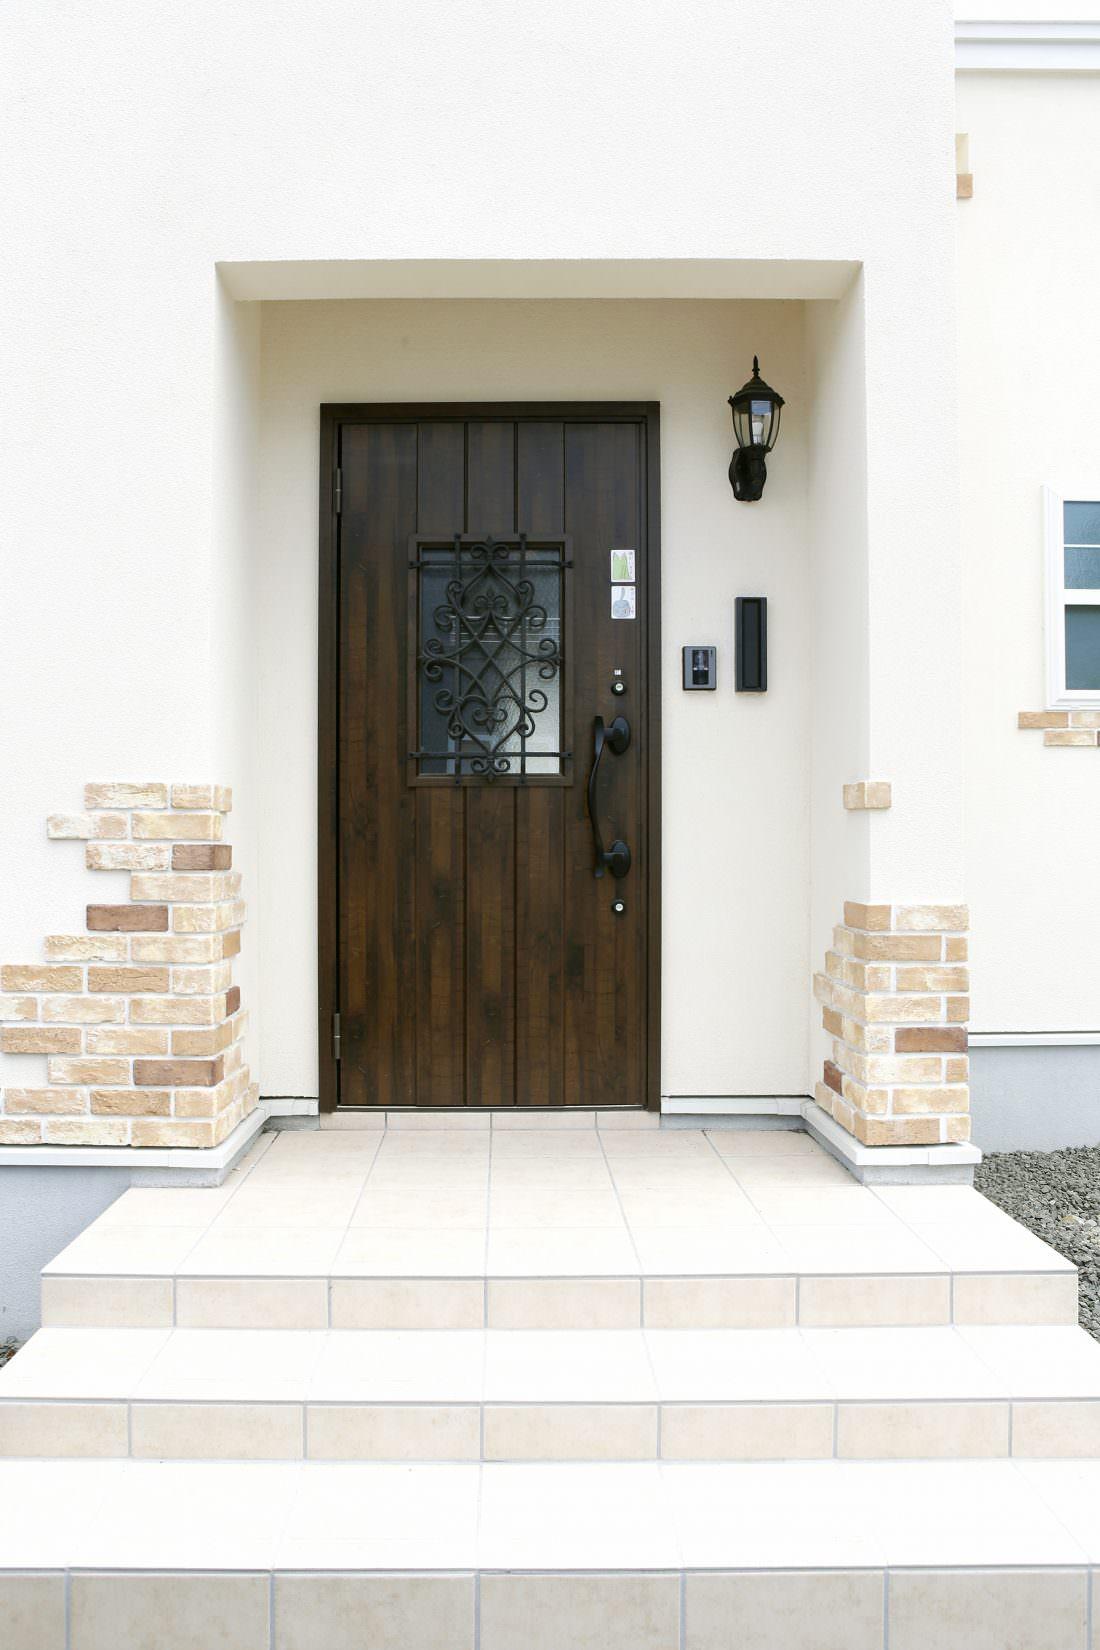 ブリックと合うダークブラウンの木目調玄関ドア